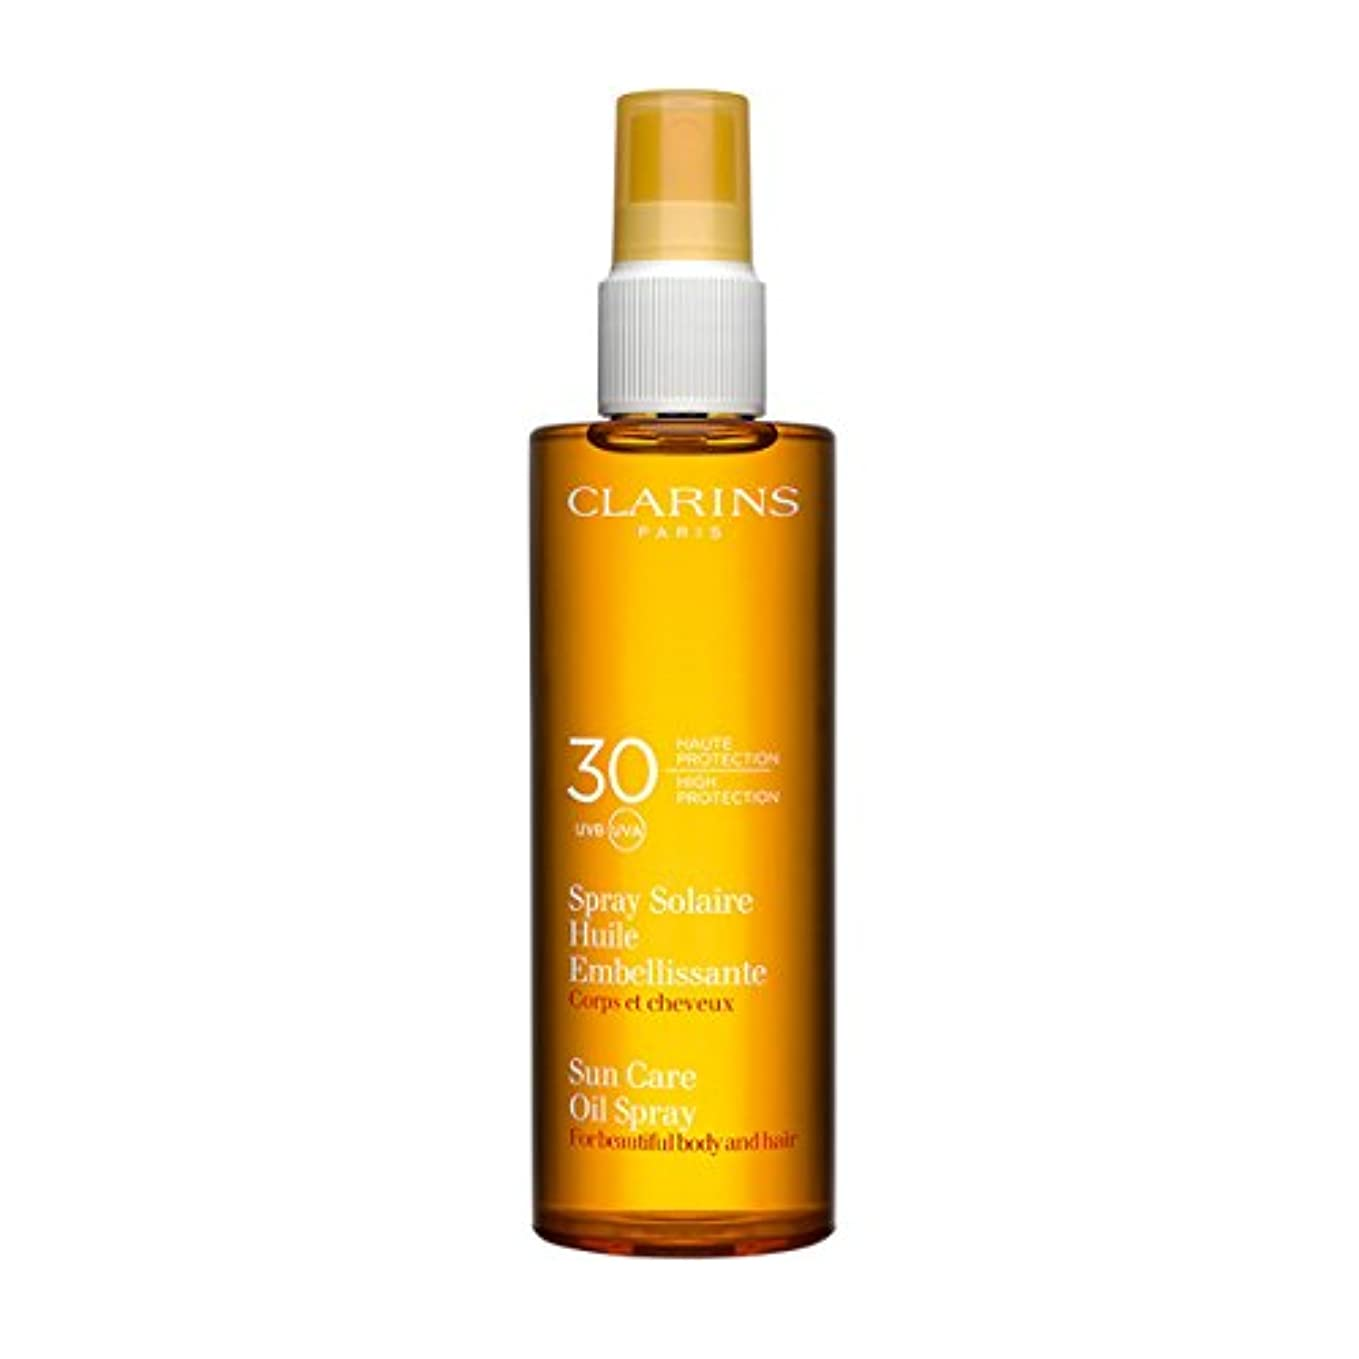 敬意を表するミサイル正確さClarins Sun Care Oil Spray For Beautiful Body and Hair Spf30 150ml [並行輸入品]